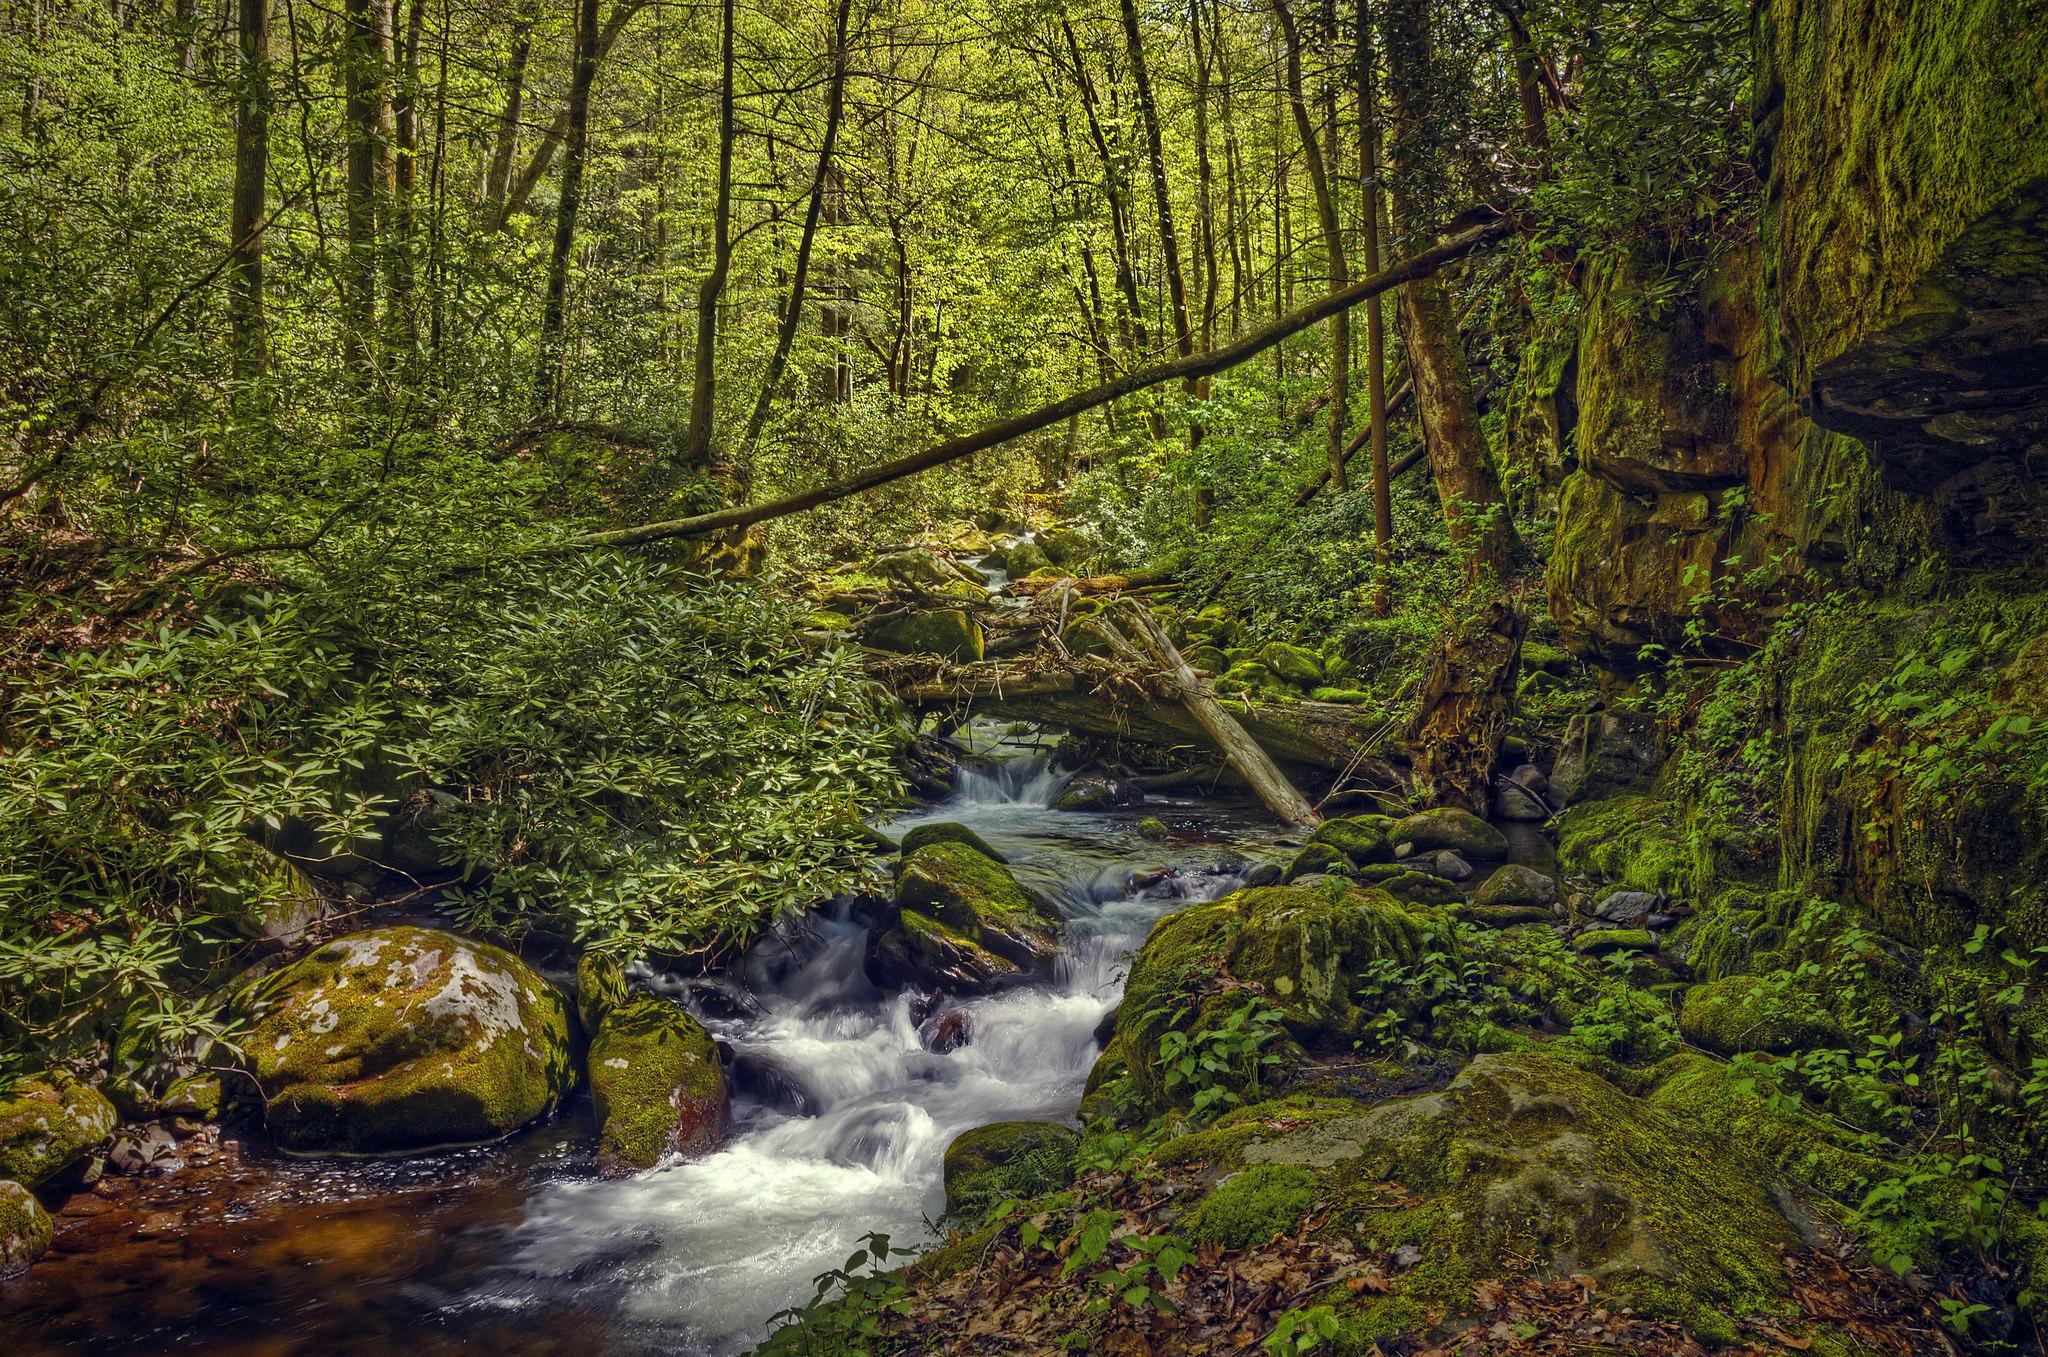 обои Great Smoky Mountains National Park, штат Теннесси, лес, деревья картинки фото